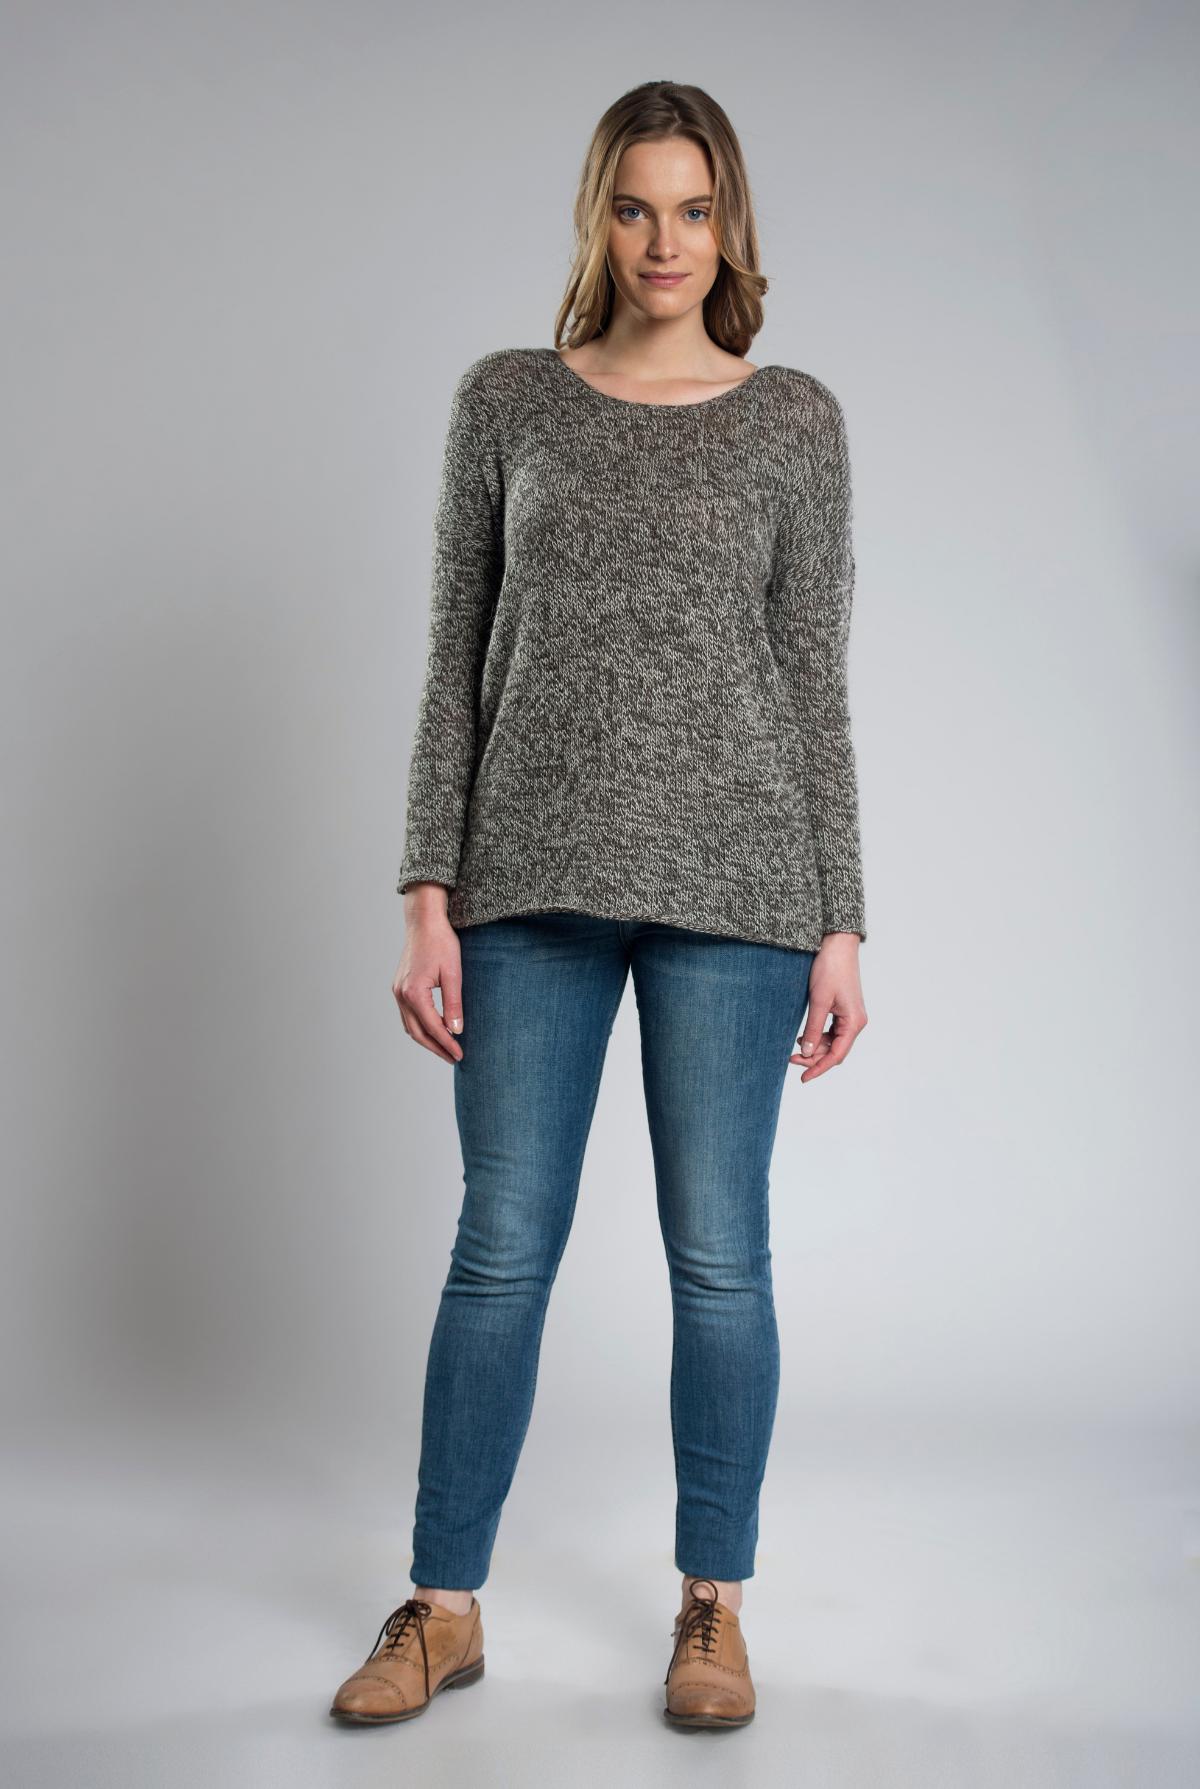 Kira 100% Baby Llama Marble Grey Sweater